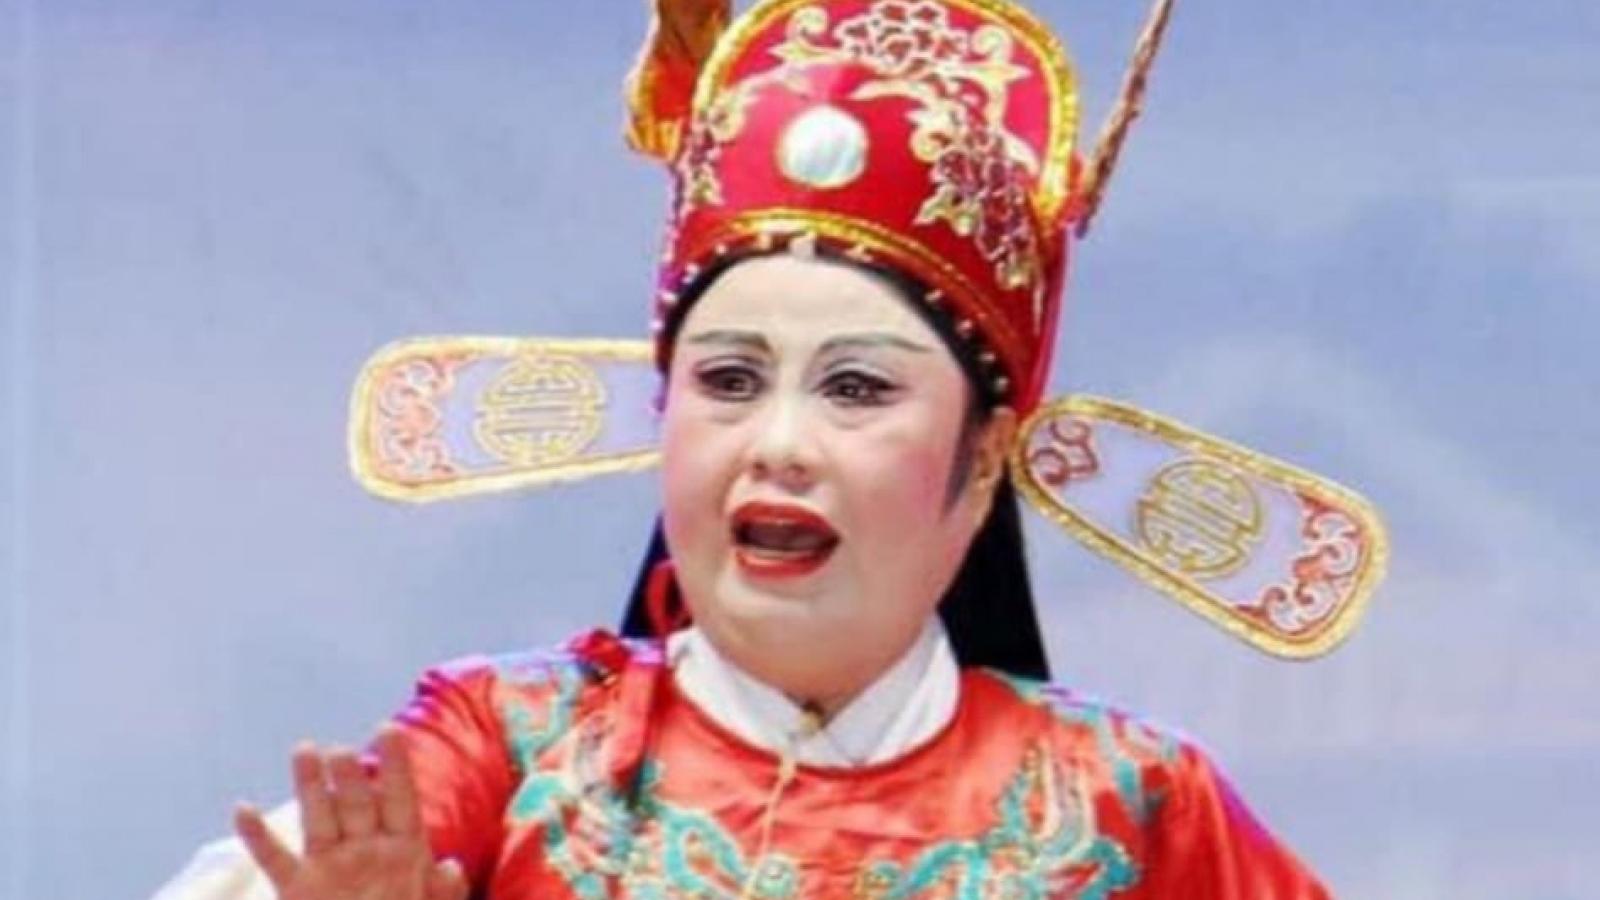 NSƯT Lâm Bửu Sang qua đời vì Covid-19